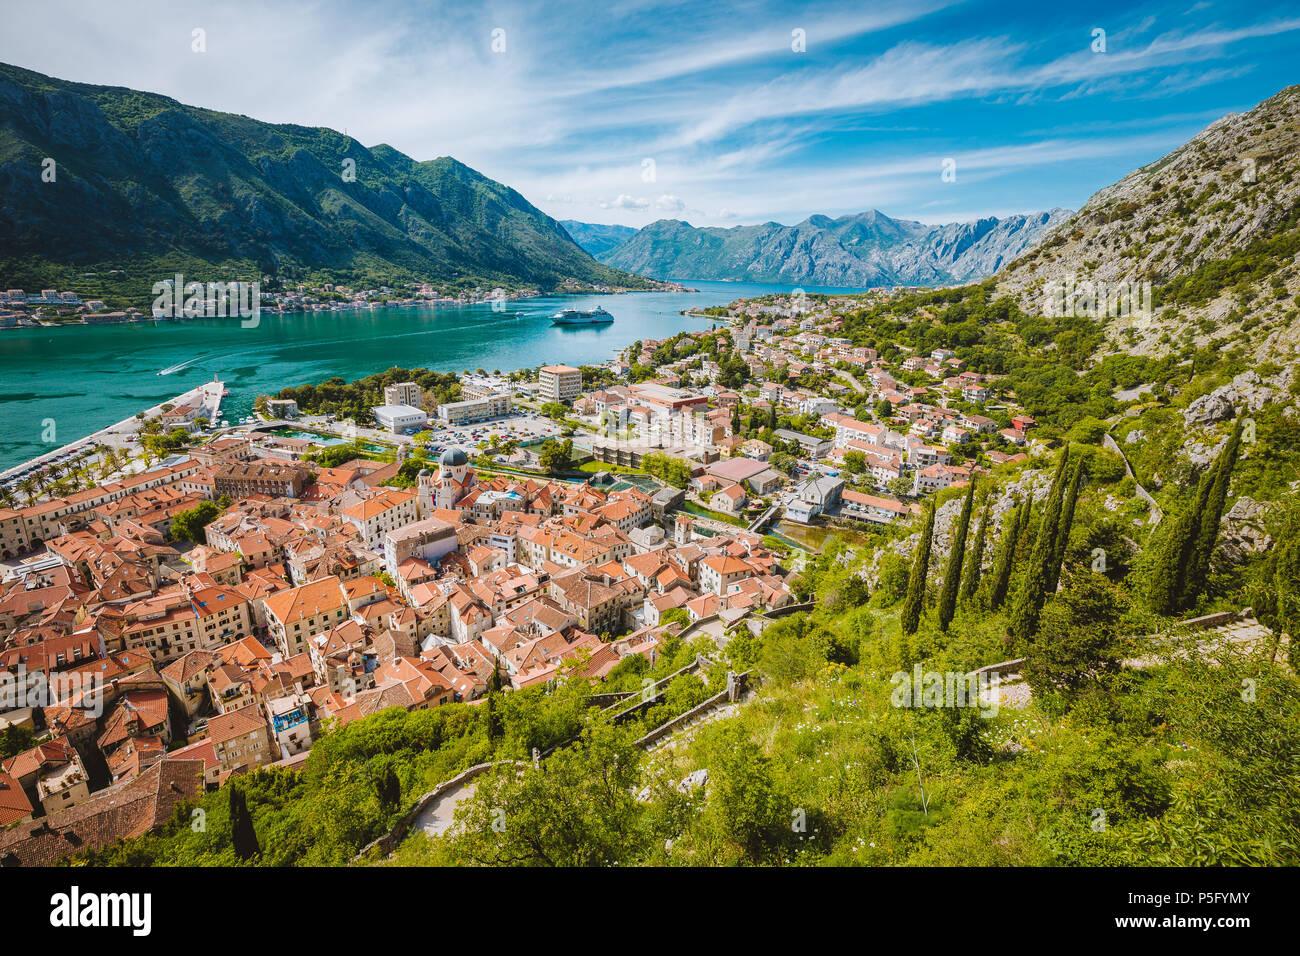 Herrlicher Panoramablick auf die historische Altstadt von Kotor mit berühmten Bucht von Kotor an einem schönen sonnigen Tag mit blauen Himmel und Wolken, Montenegro, Balkan Stockfoto